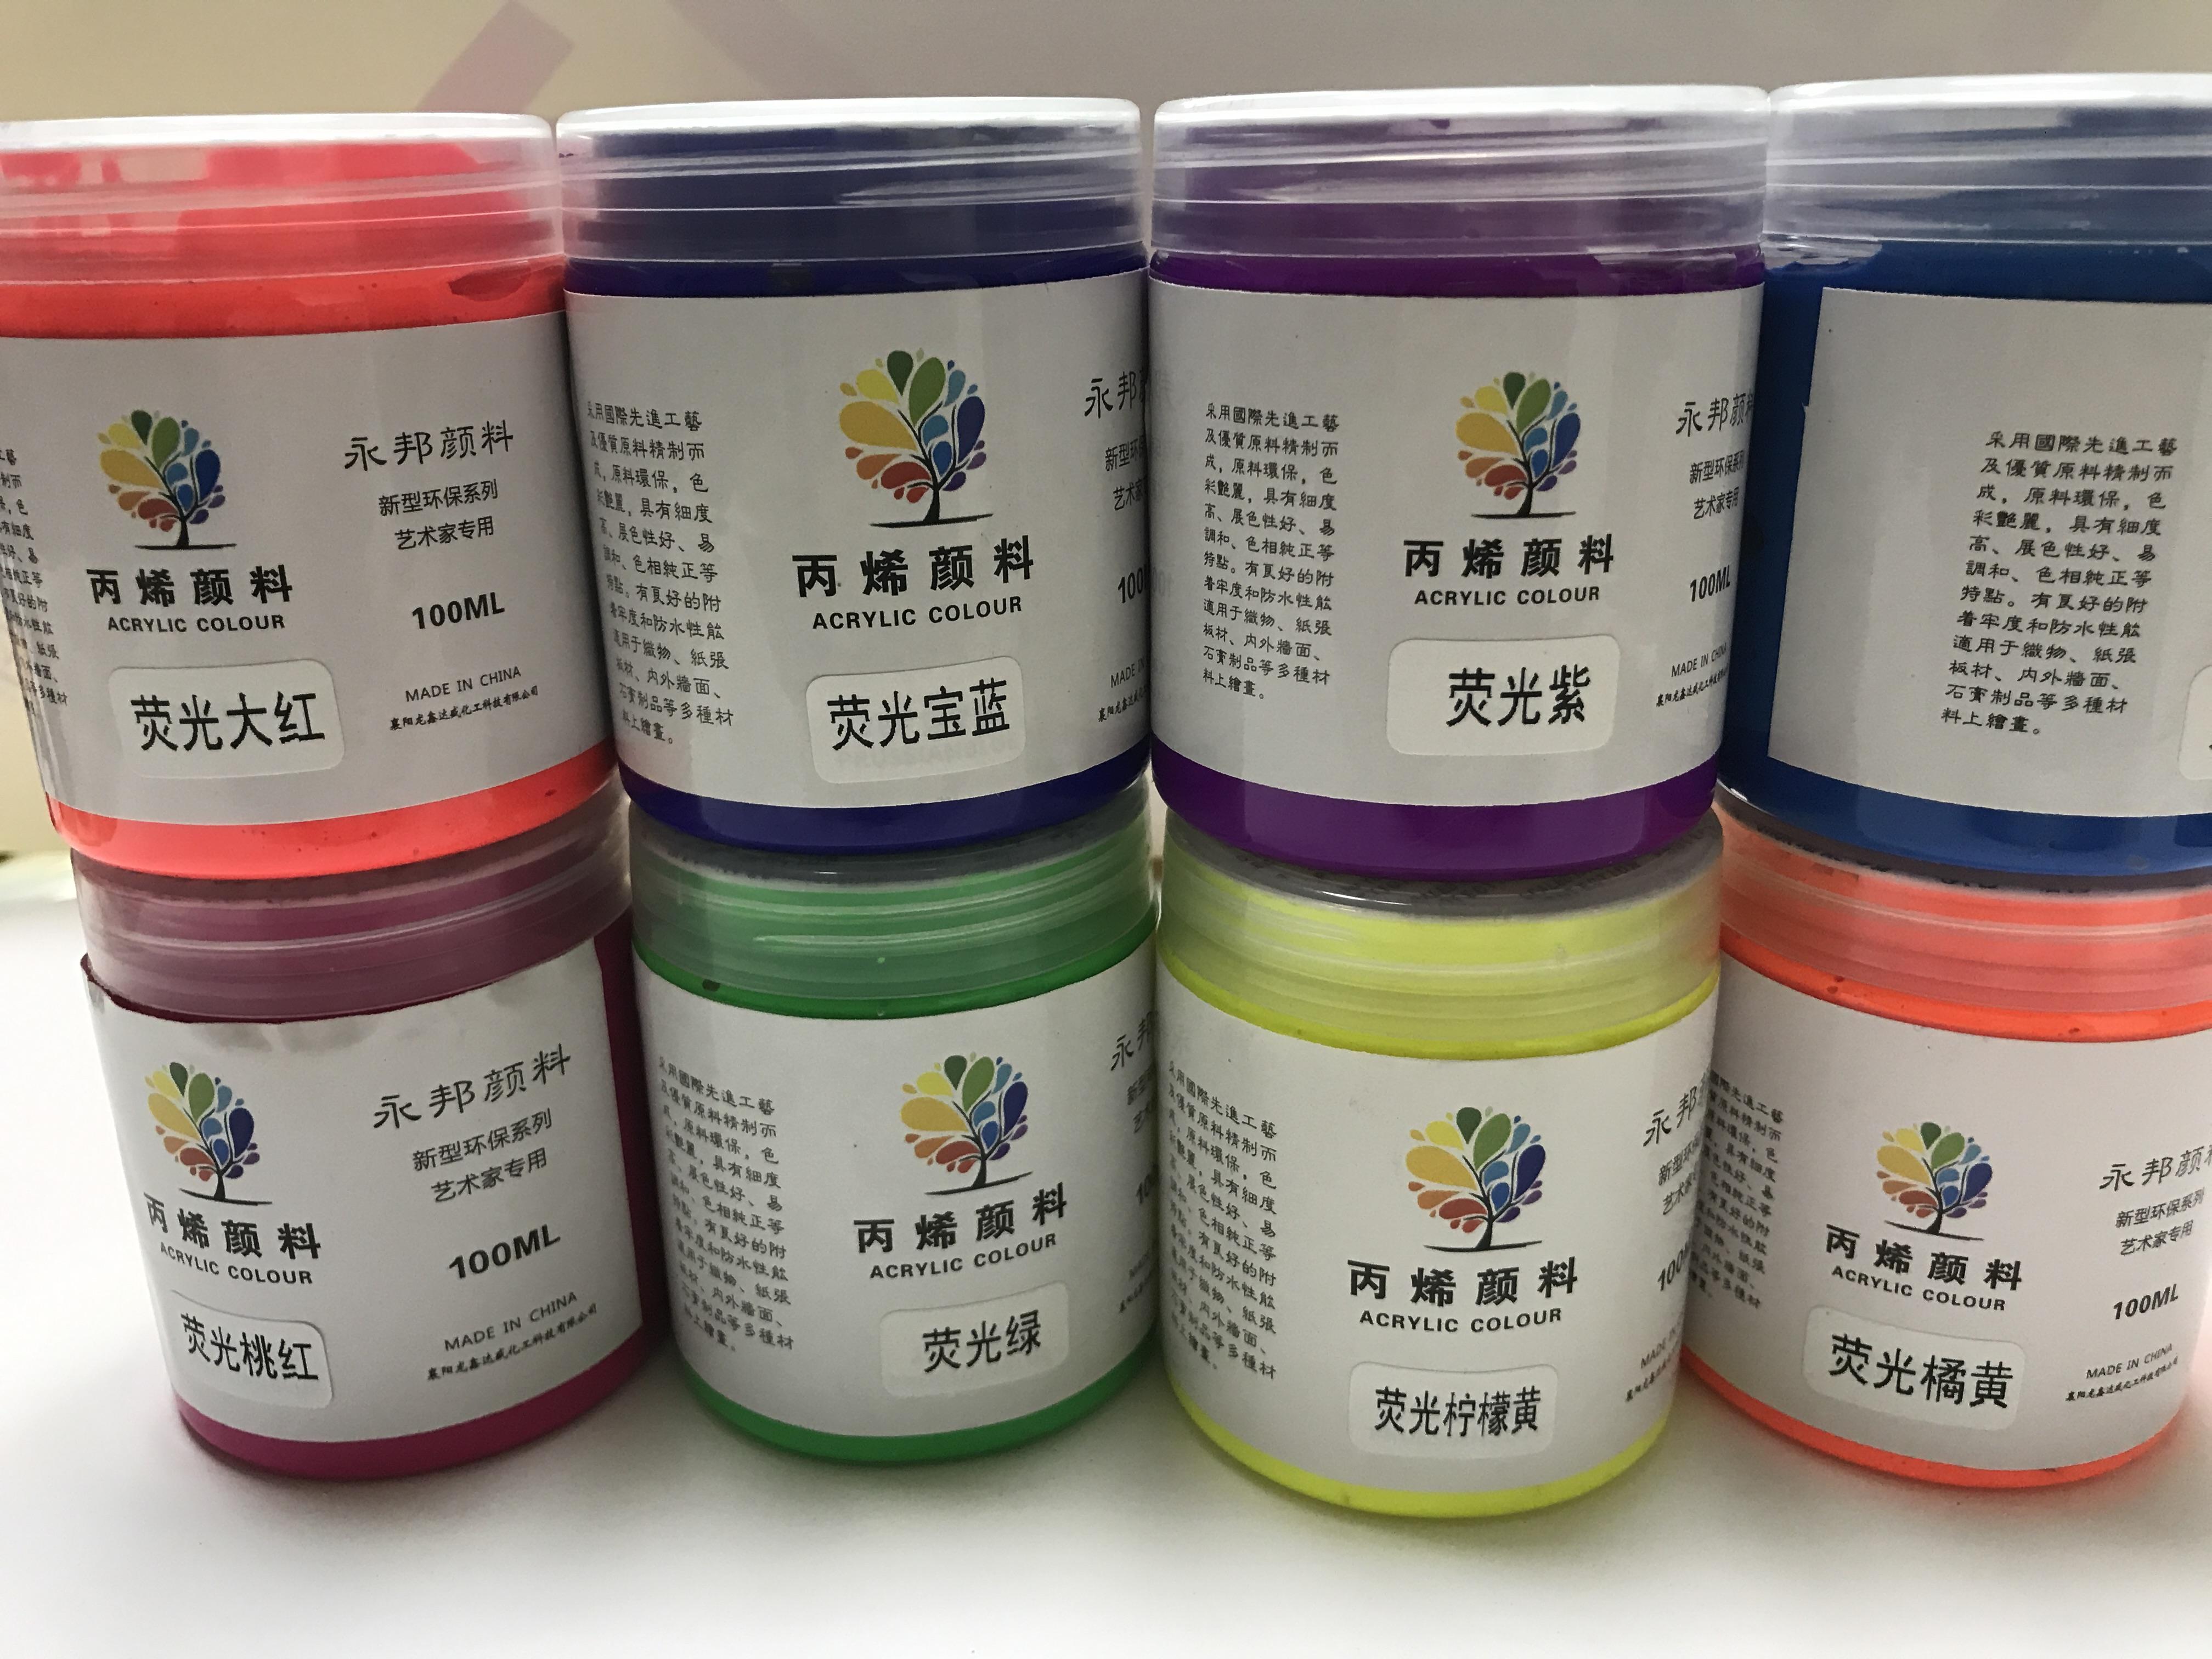 荧光夜光发光反光丙烯颜料手绘墙绘彩绘DIY涂鸦颜料防水满20包邮